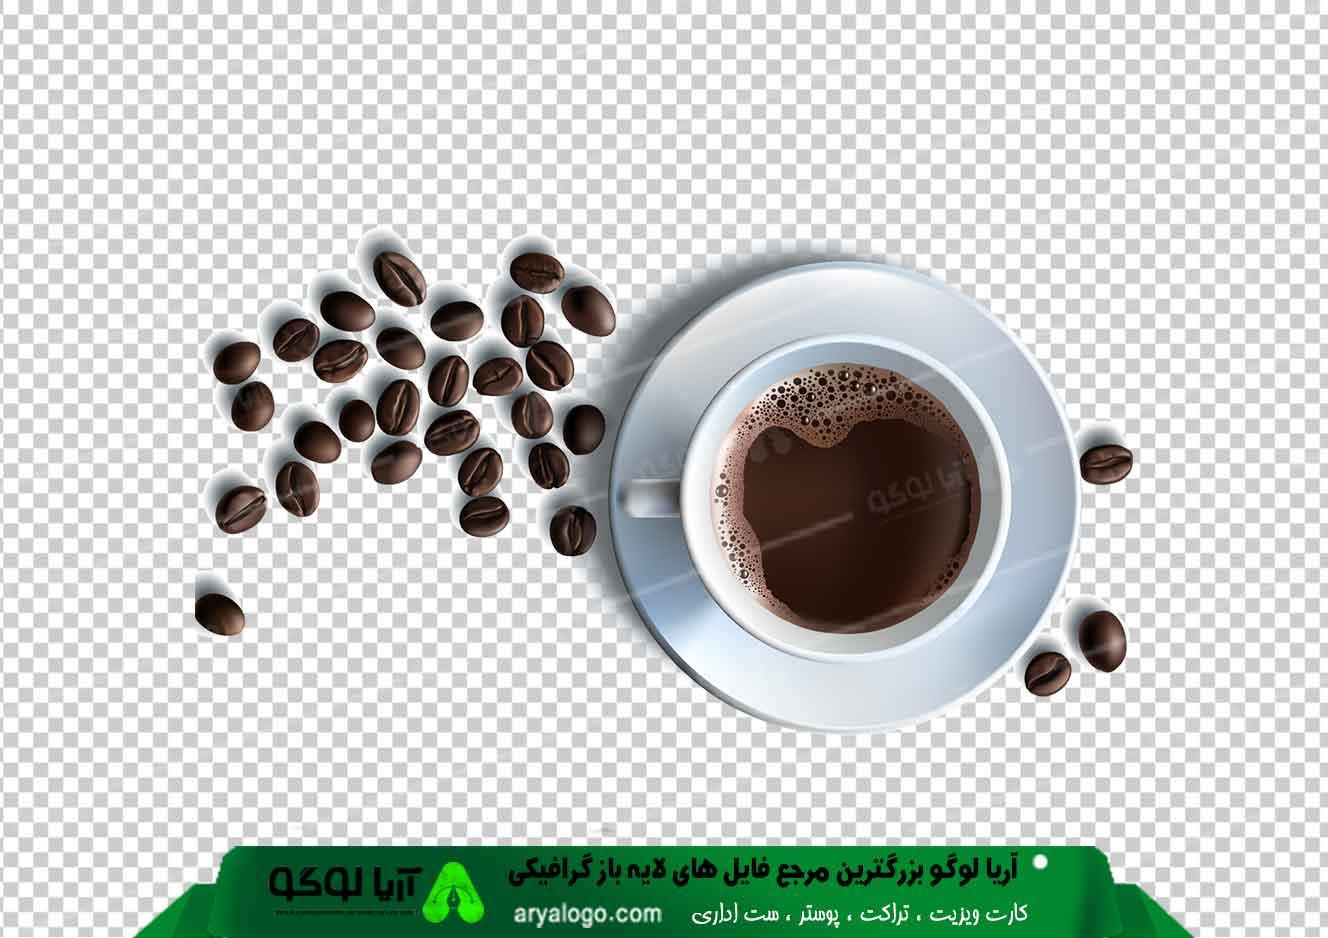 وکتور png کافه و قهوه 2